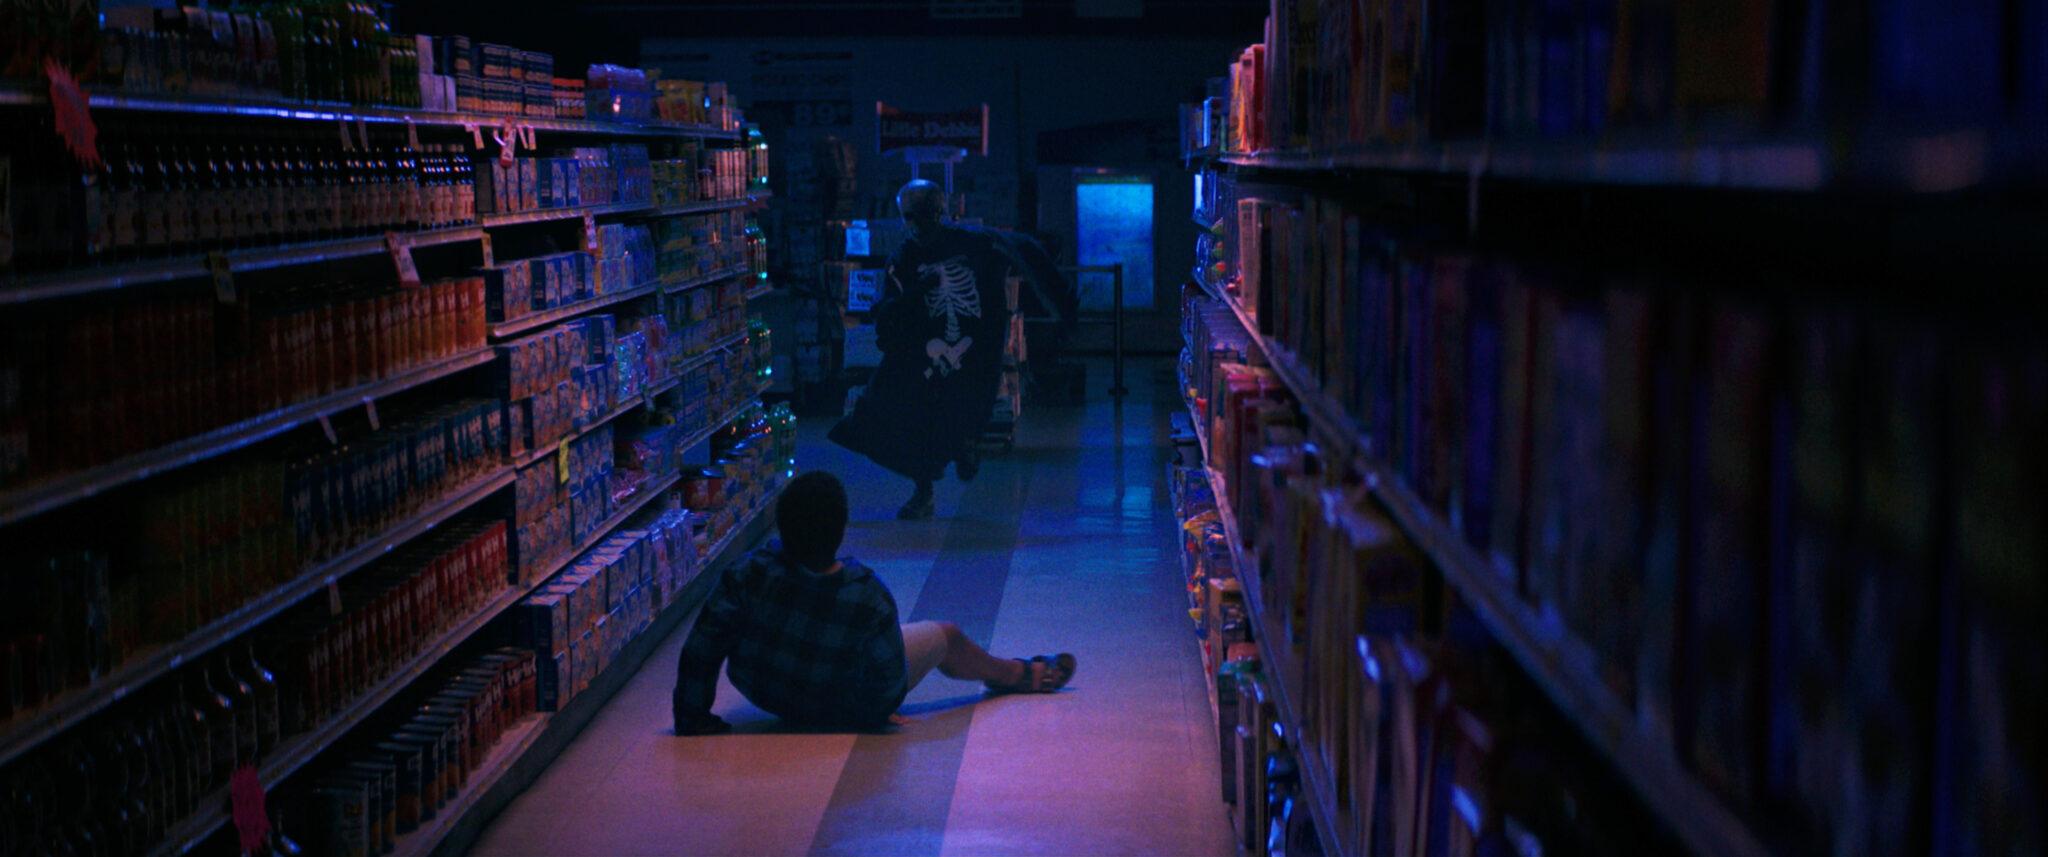 Josh liegt in Fear Street Teil 1 zwischen zwei Supermarktregalreihen auf dem Boden. Auf ihn zu rennt ein Mann mit Skelettkostüm und Messer in der Hand.